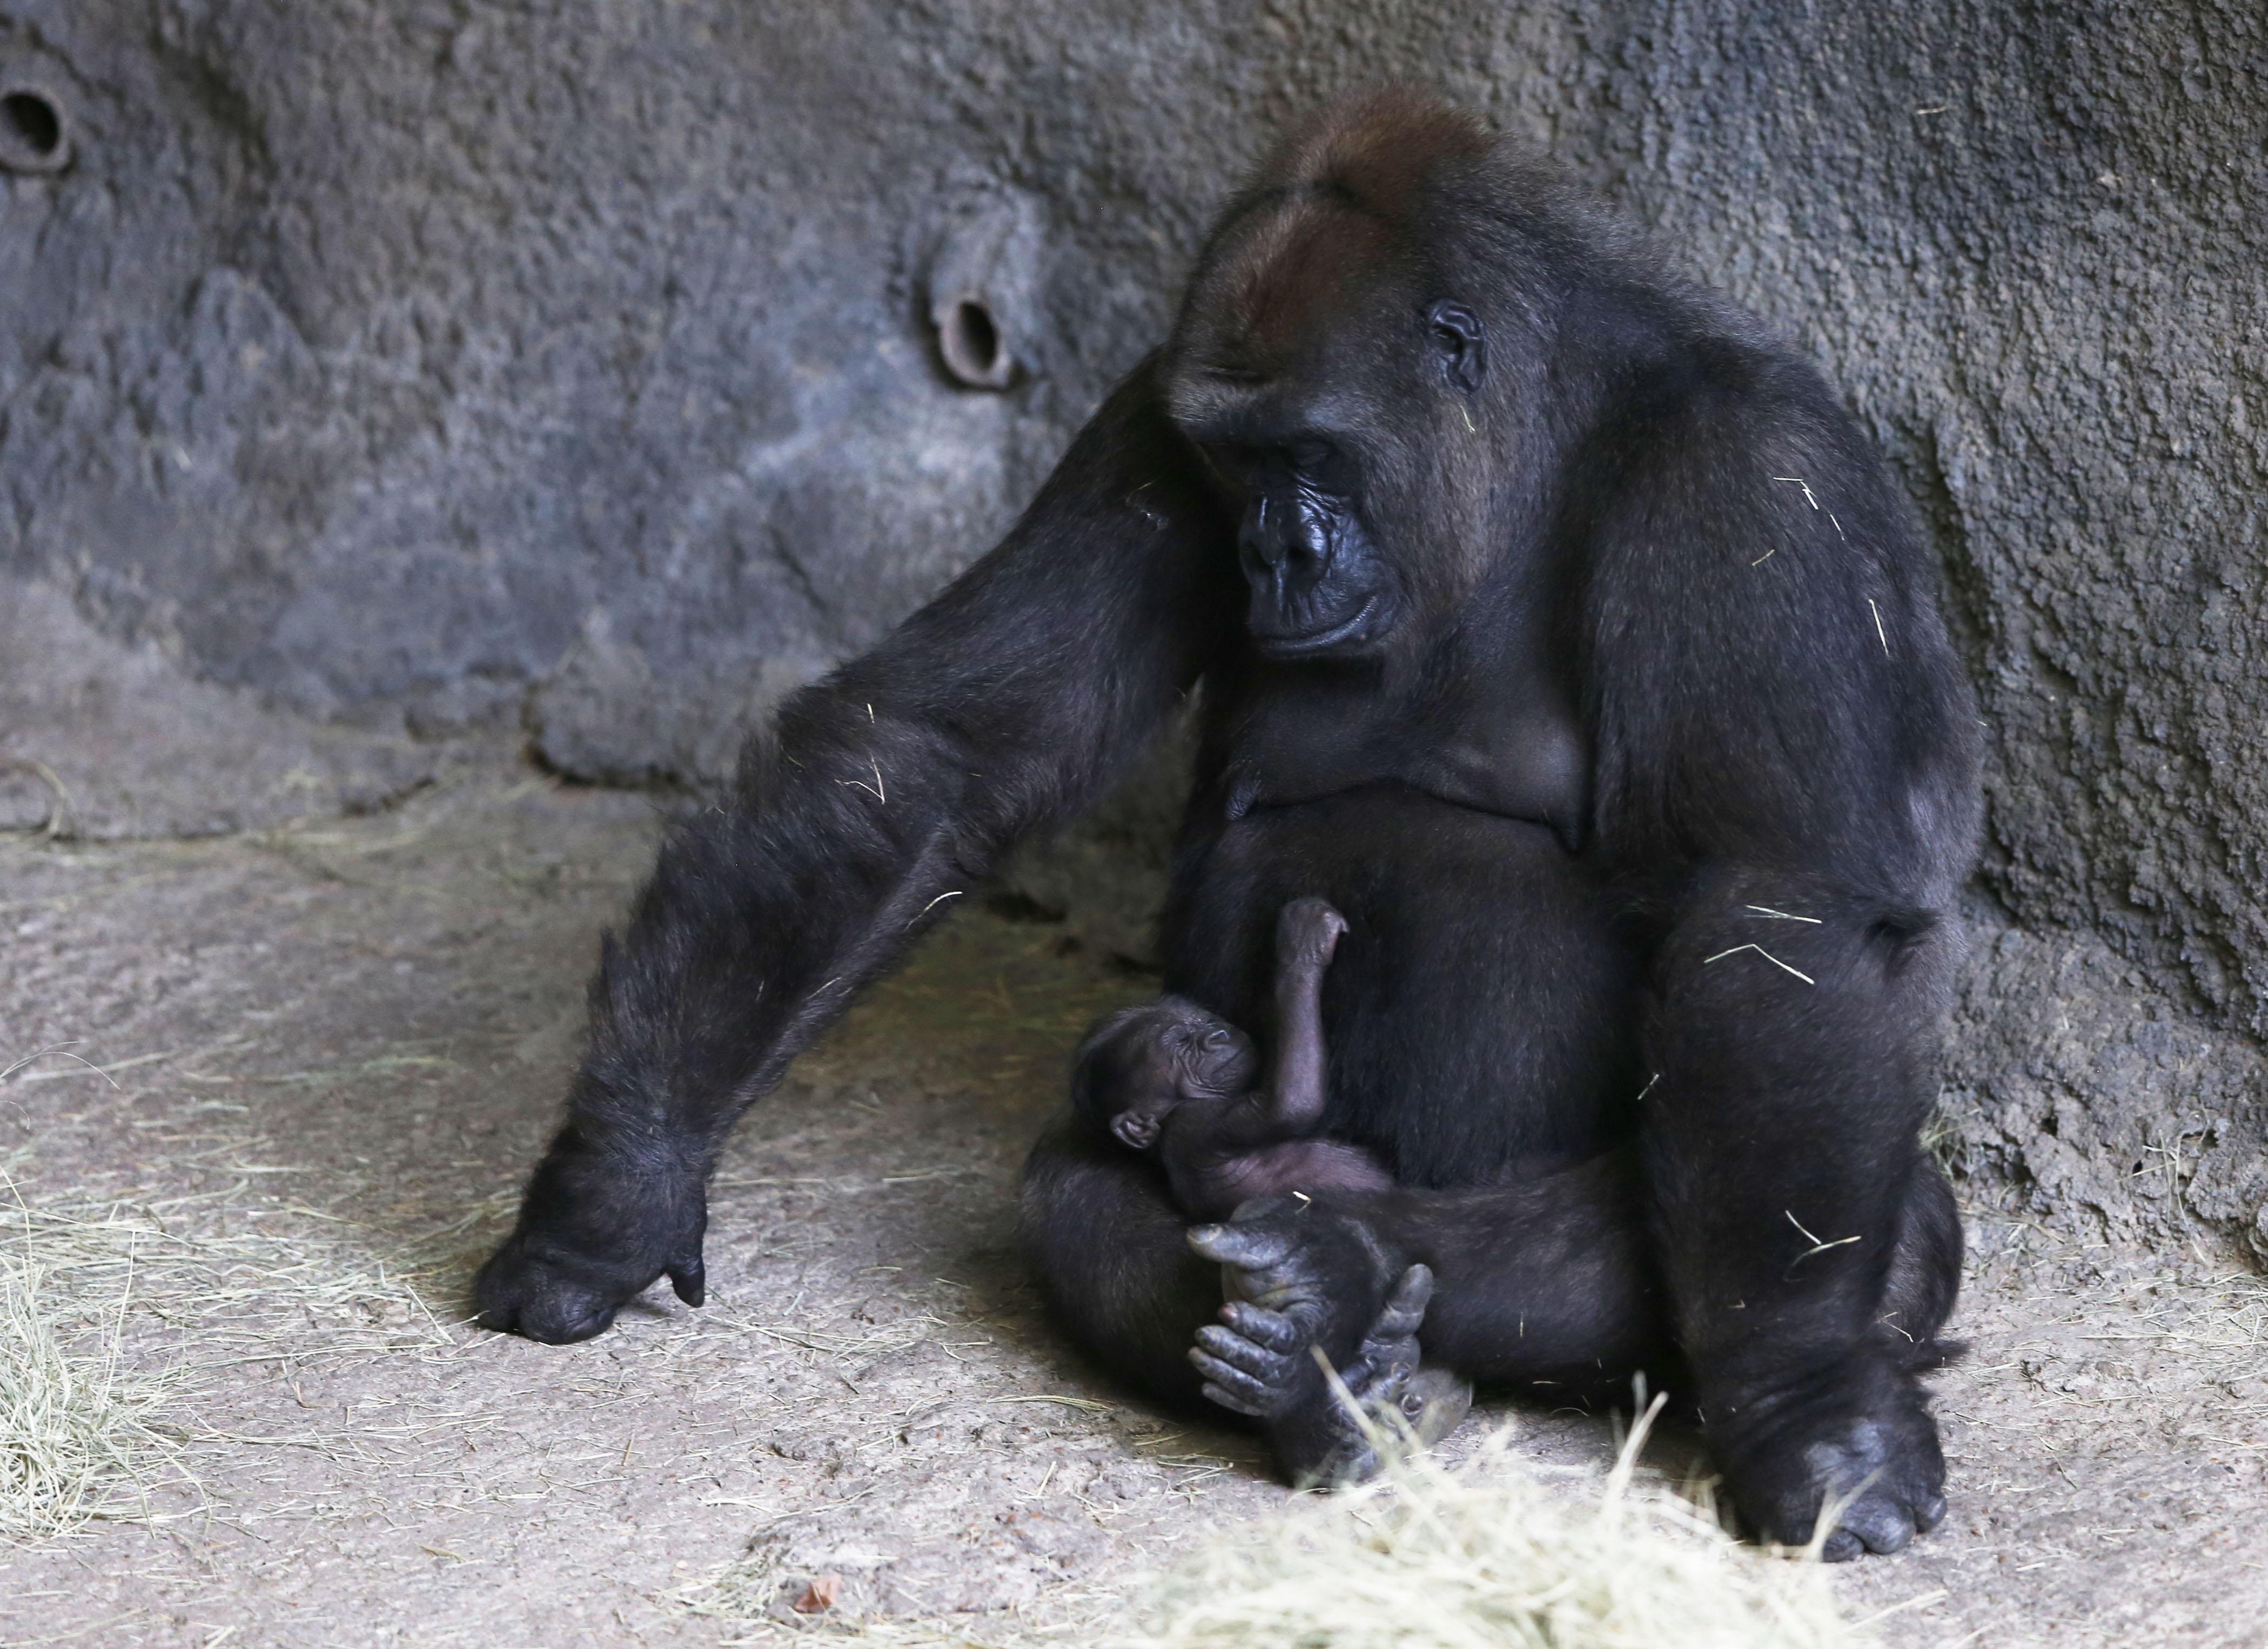 pound a gorilla does 500 sleep Where